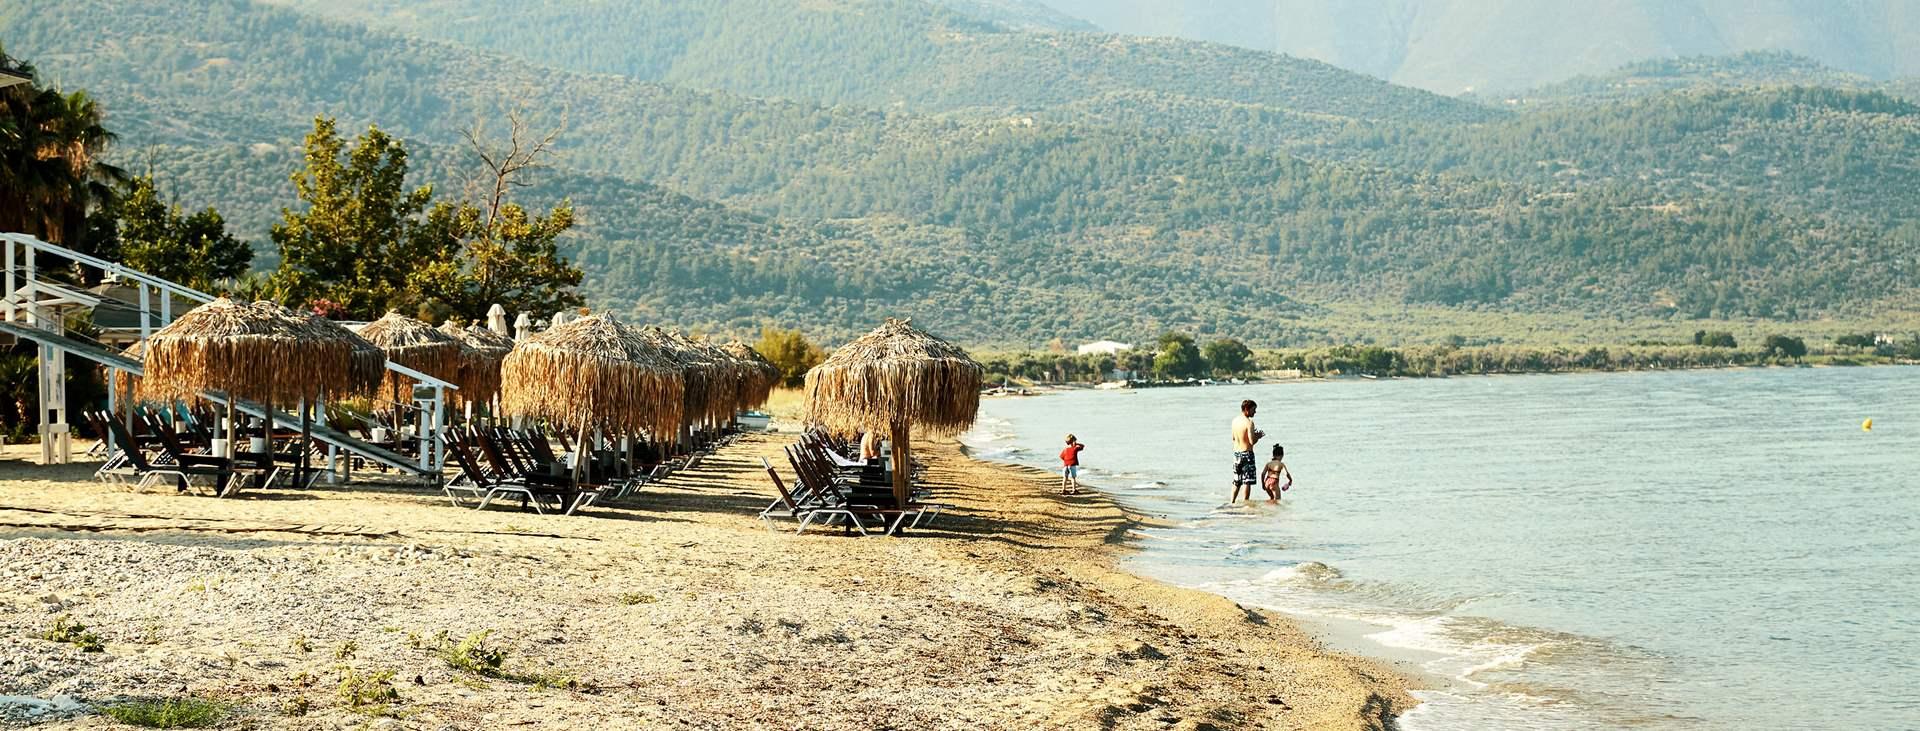 Vietä rentouttava loma Ska Prinoksessa, Thassoksen saarella, Kreikassa